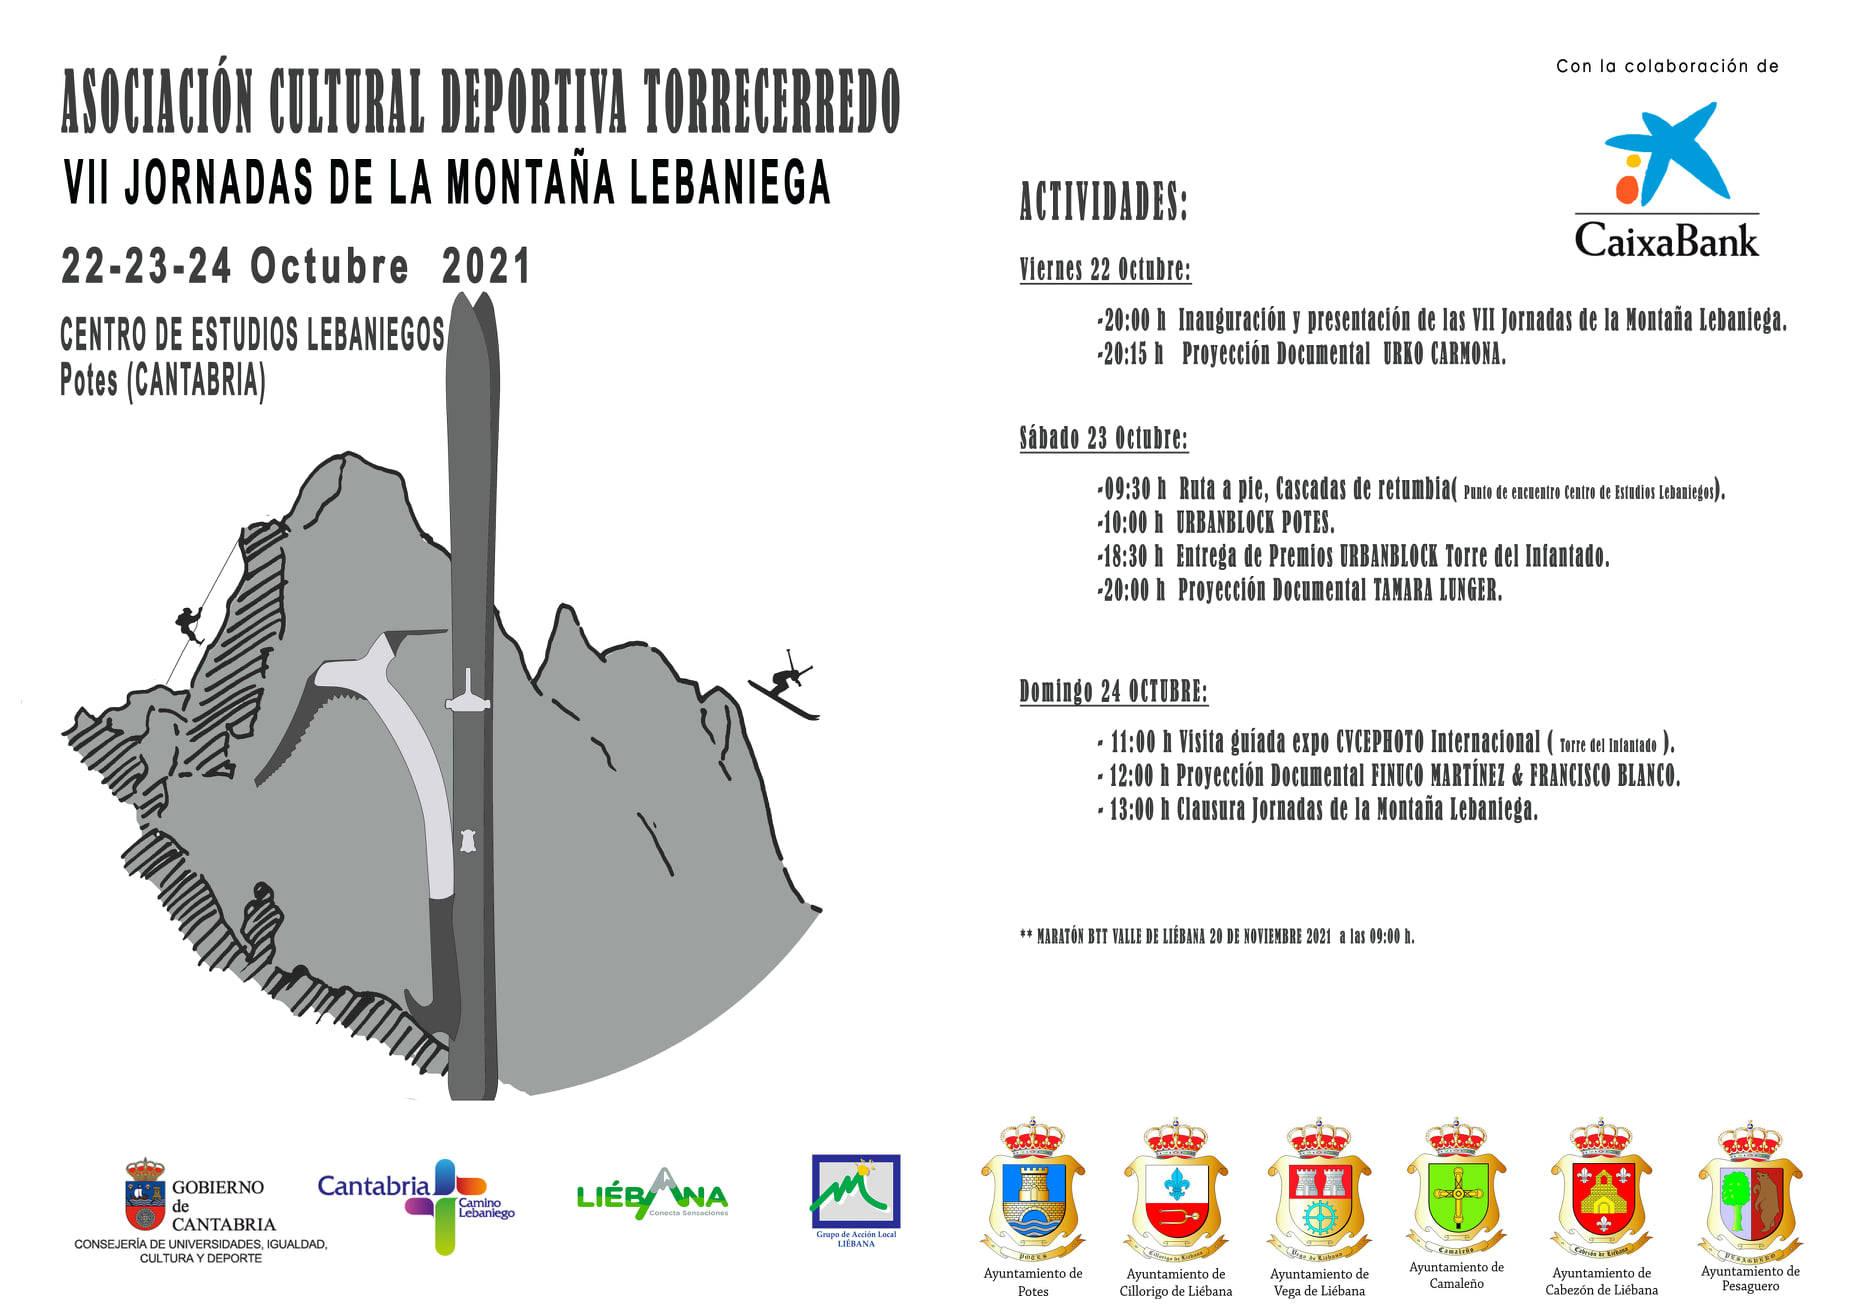 VII Jornadas de la Montaña Lebaniega 2021